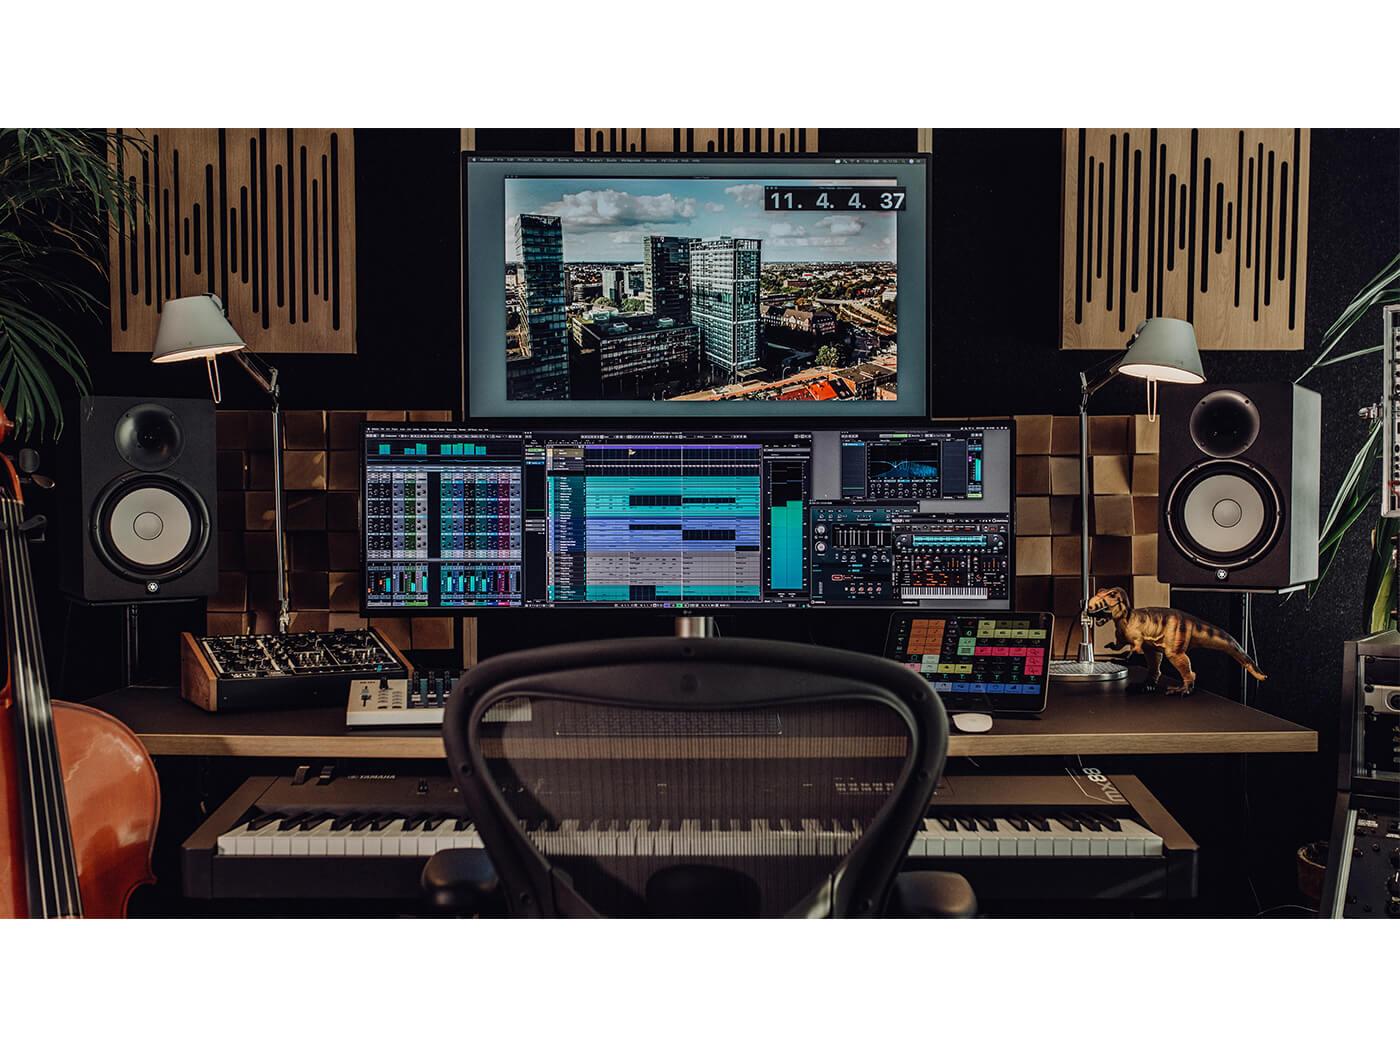 Cubase 10.5 studio shot